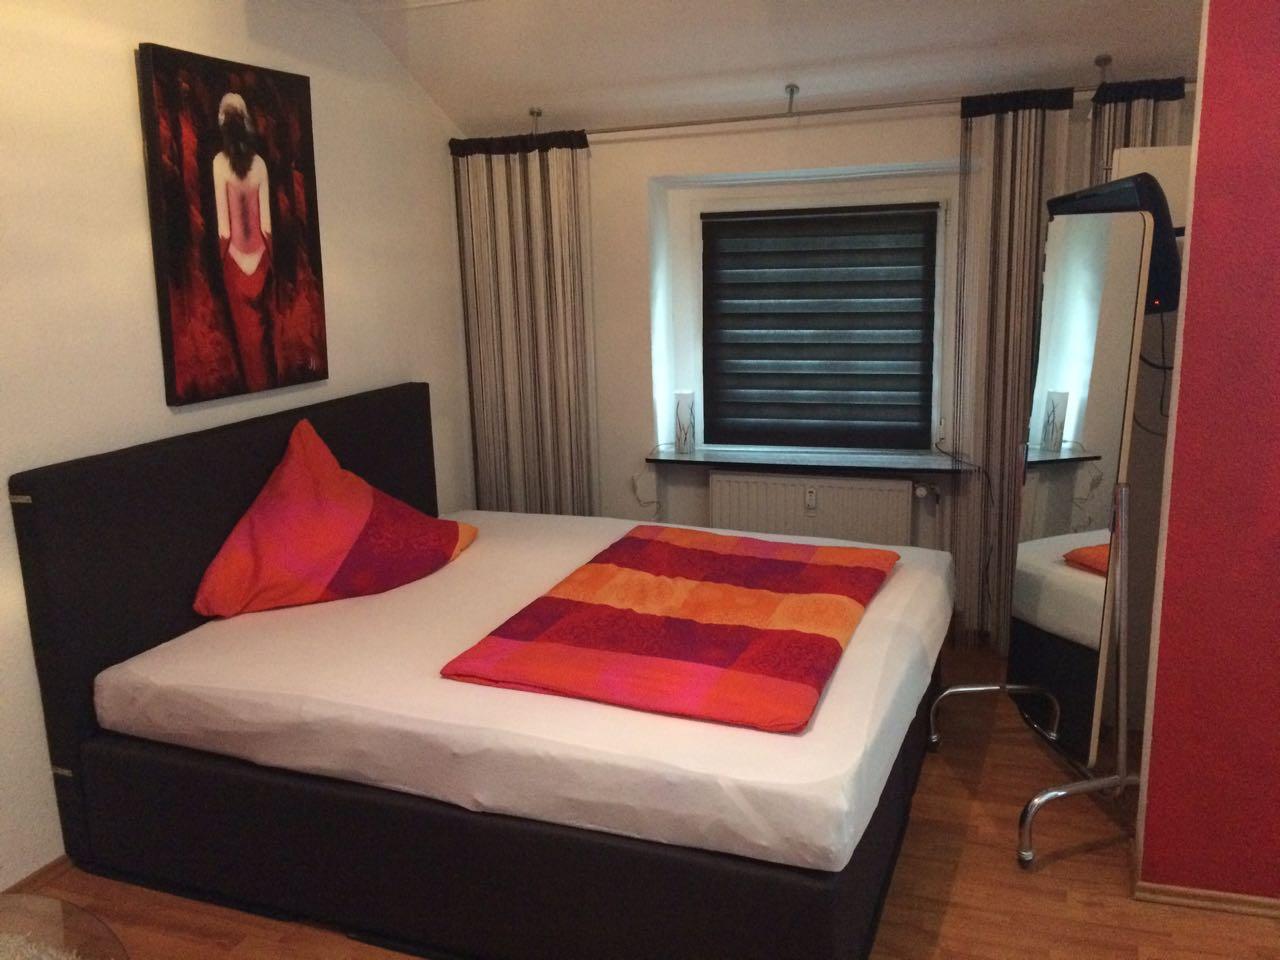 Stundenzimmer 1 - Wuppertal - Stundenhotel-NRW